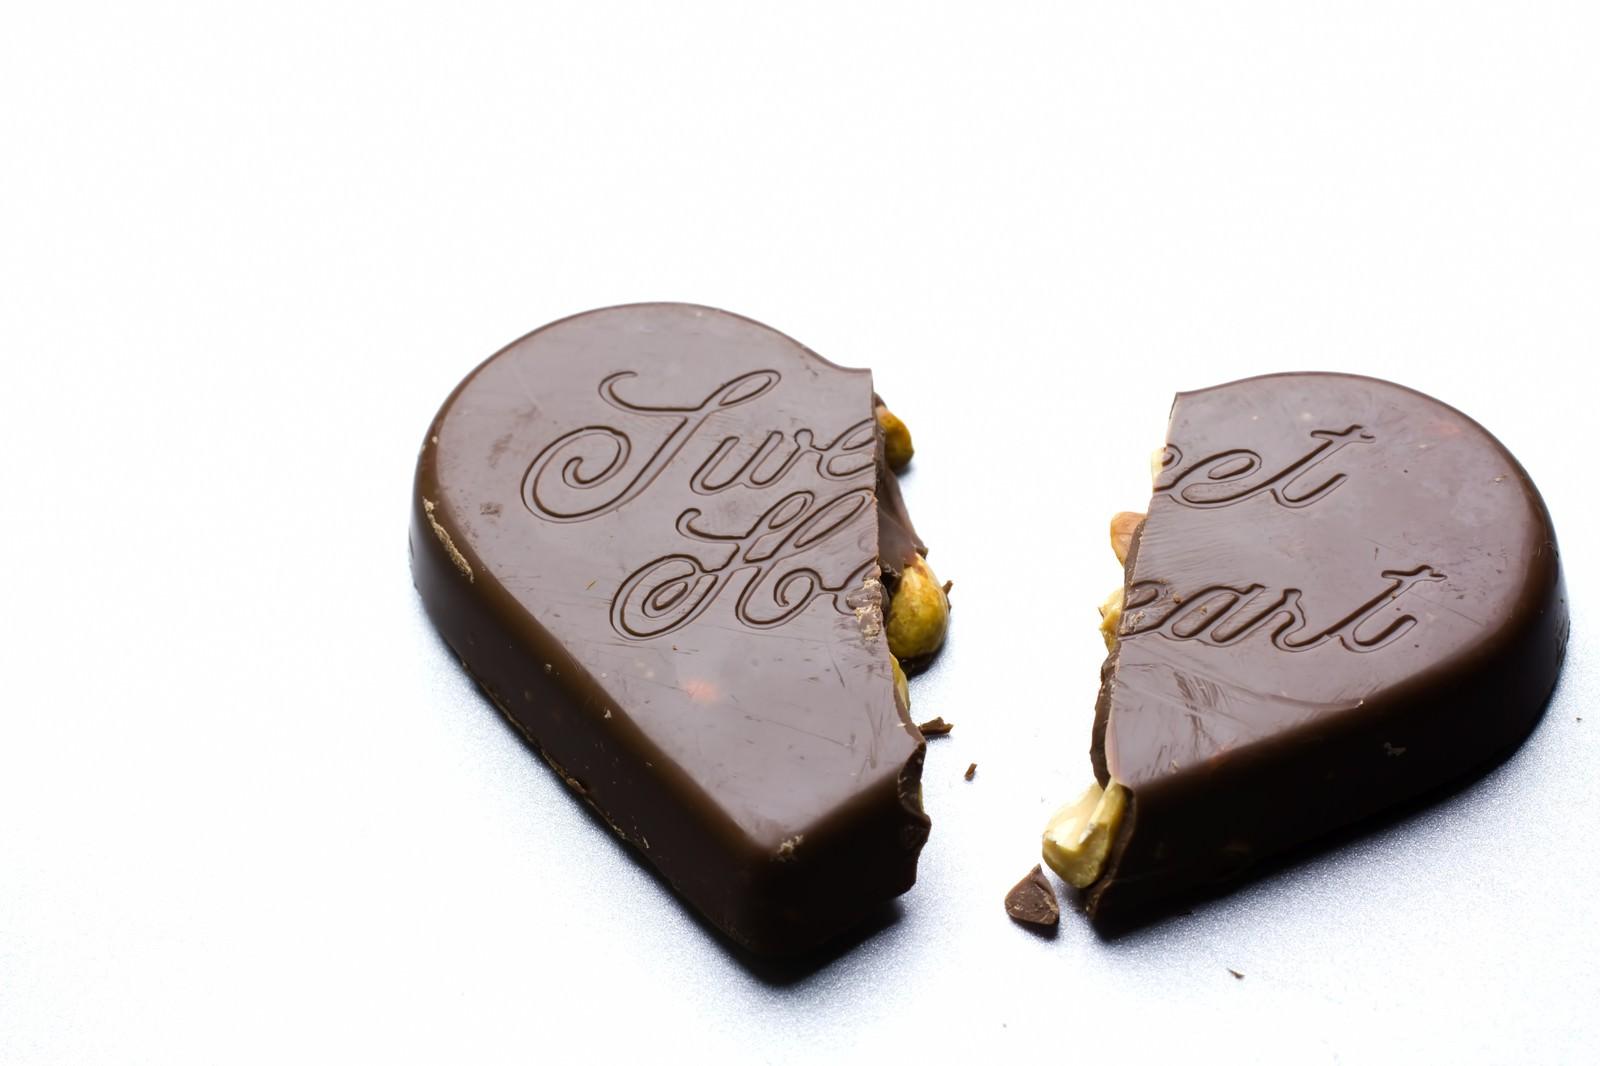 「二つに割れたハートのチョコレート二つに割れたハートのチョコレート」のフリー写真素材を拡大